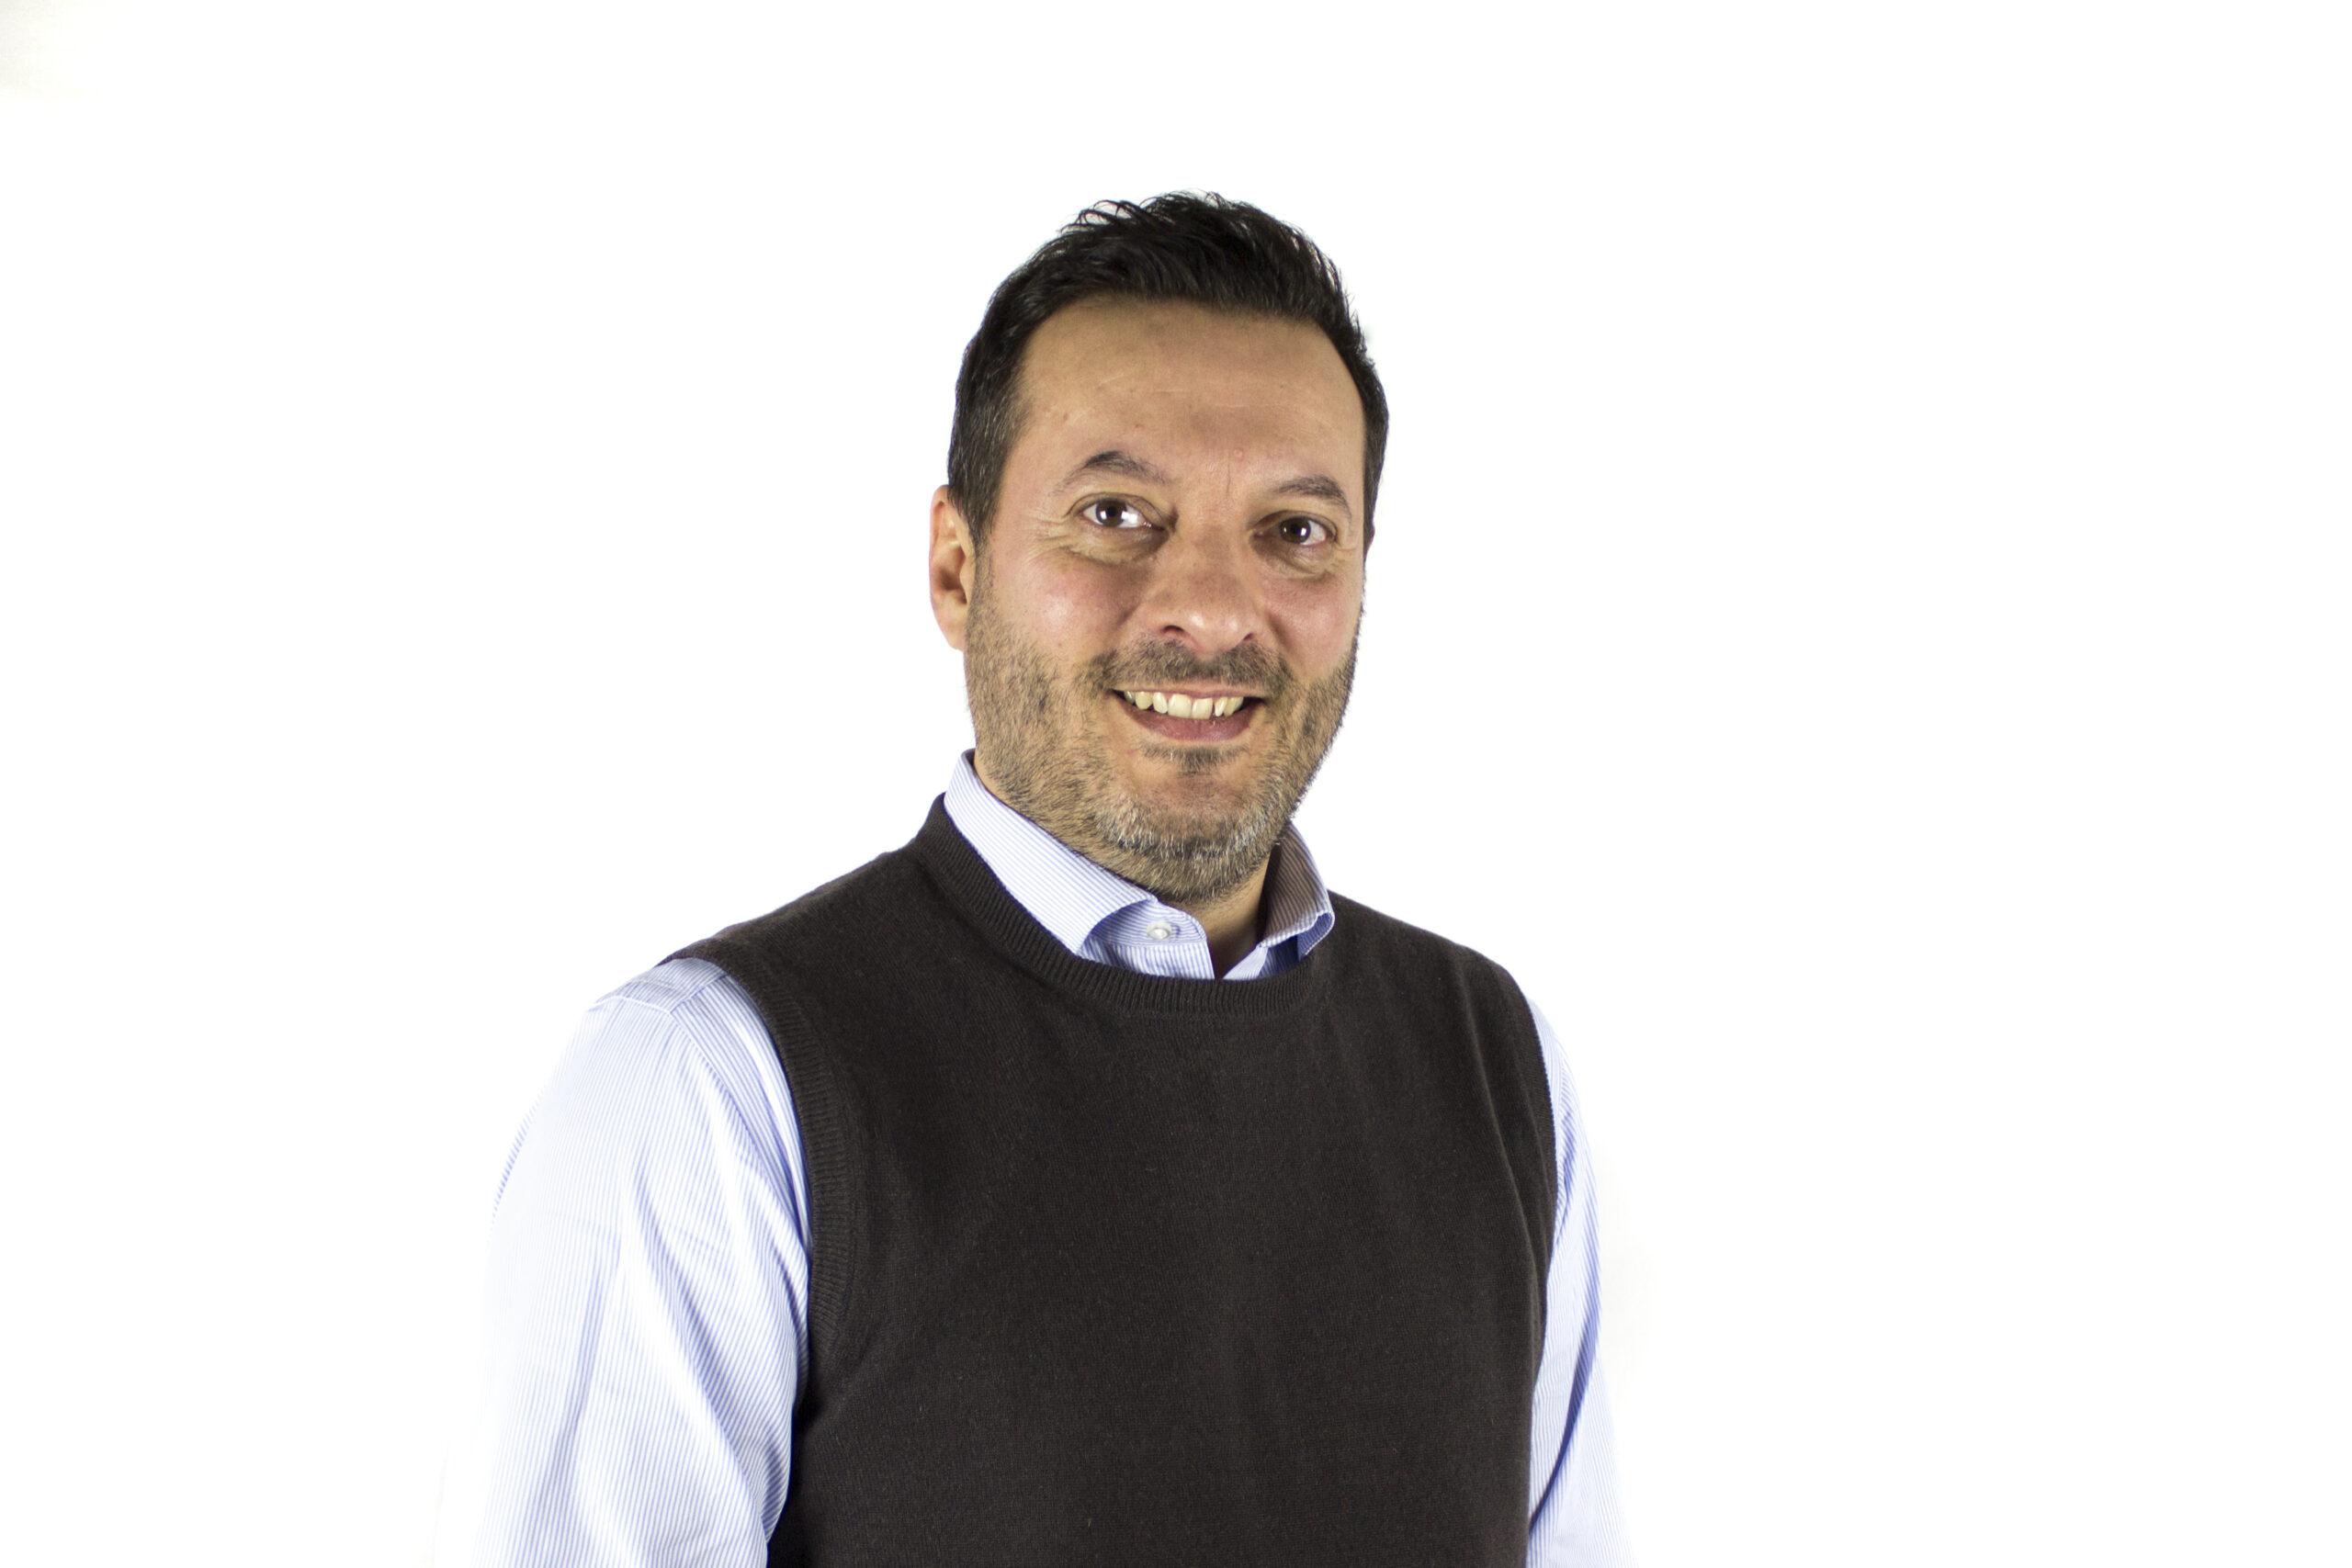 Matteo Zannoni